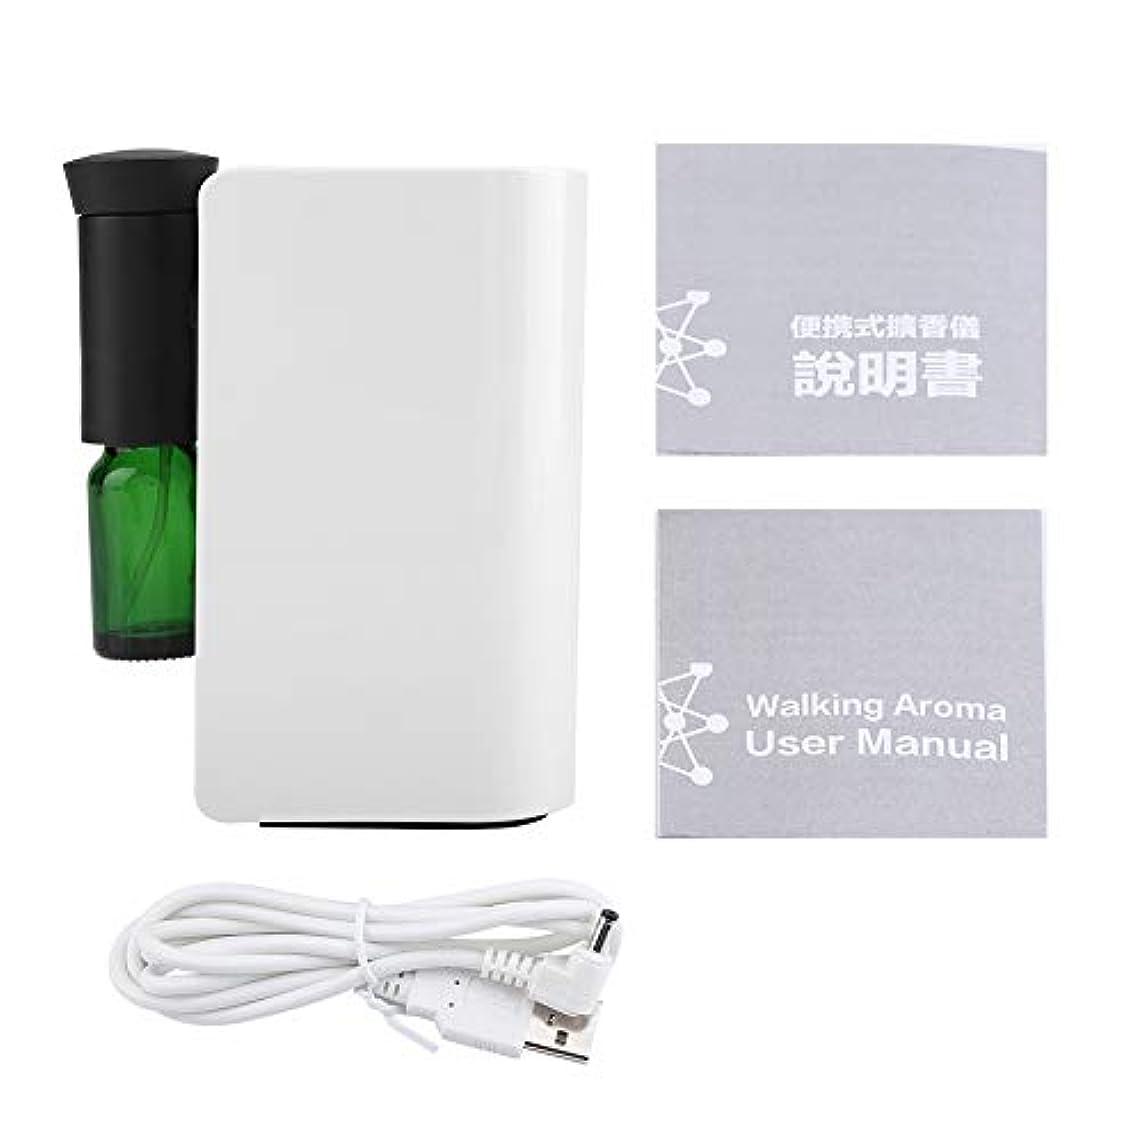 柔らかい足不正直いいねアロマディフューザー usb充電式 100ml 精油 エッセンシャルオイル用 自動アロマディスペンサー用 部屋 オフィス(ホワイト)